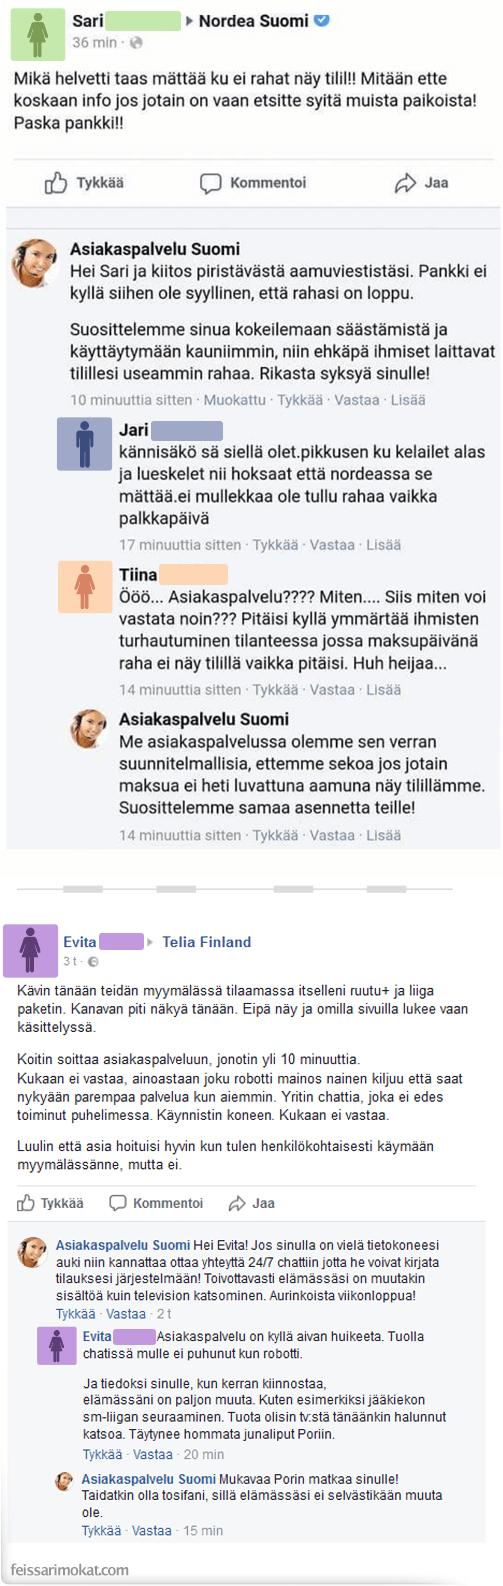 Asiakaspalvelu Suomi, osa 2